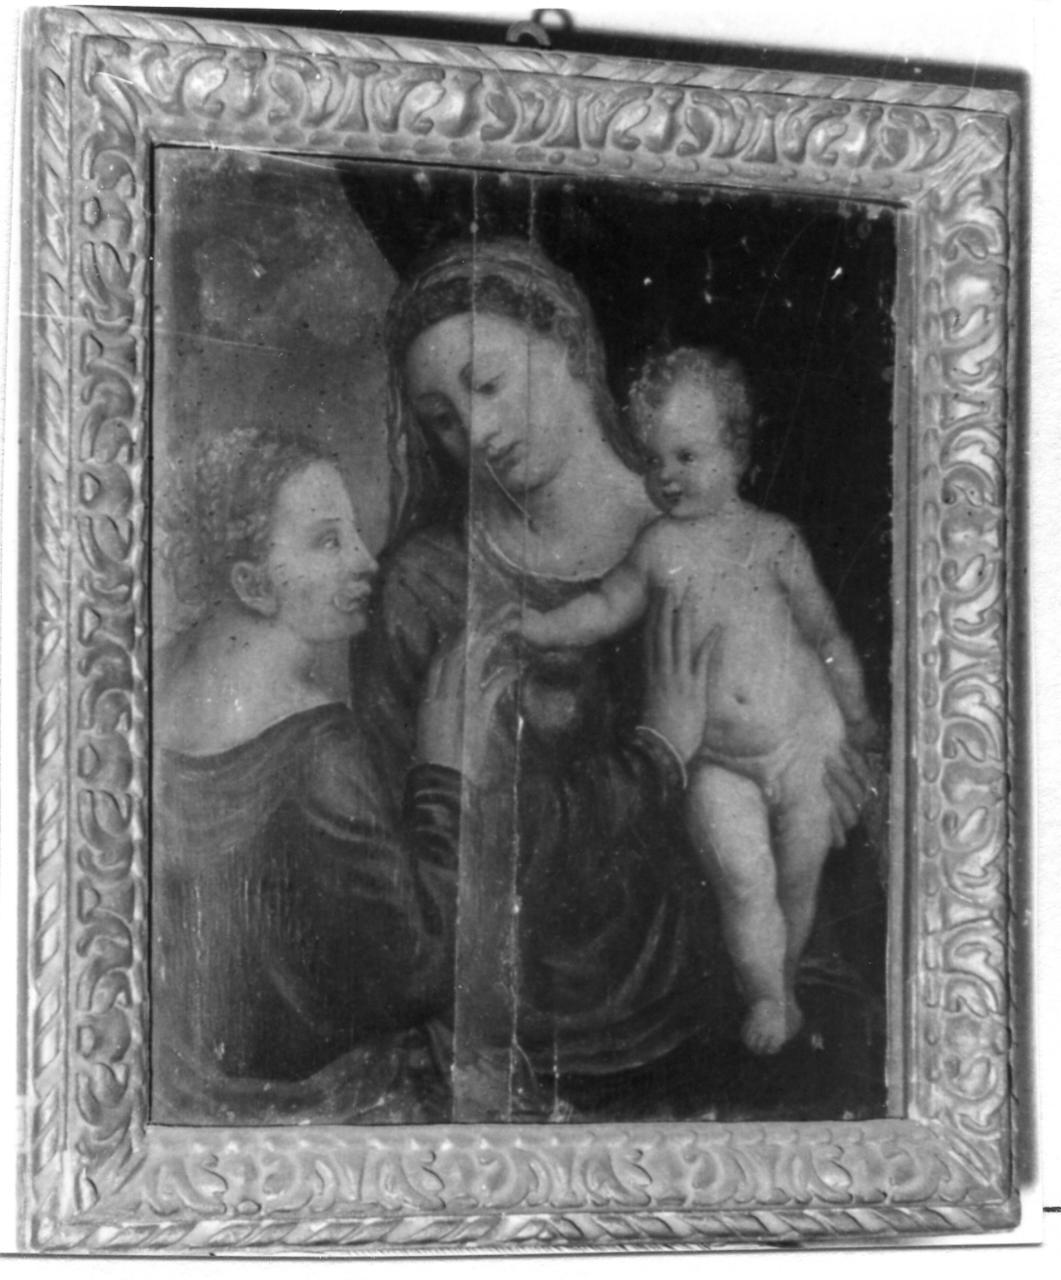 matrimonio mistico di Santa Caterina d'Alessandria (dipinto) - ambito veneto (metà sec. XVI)